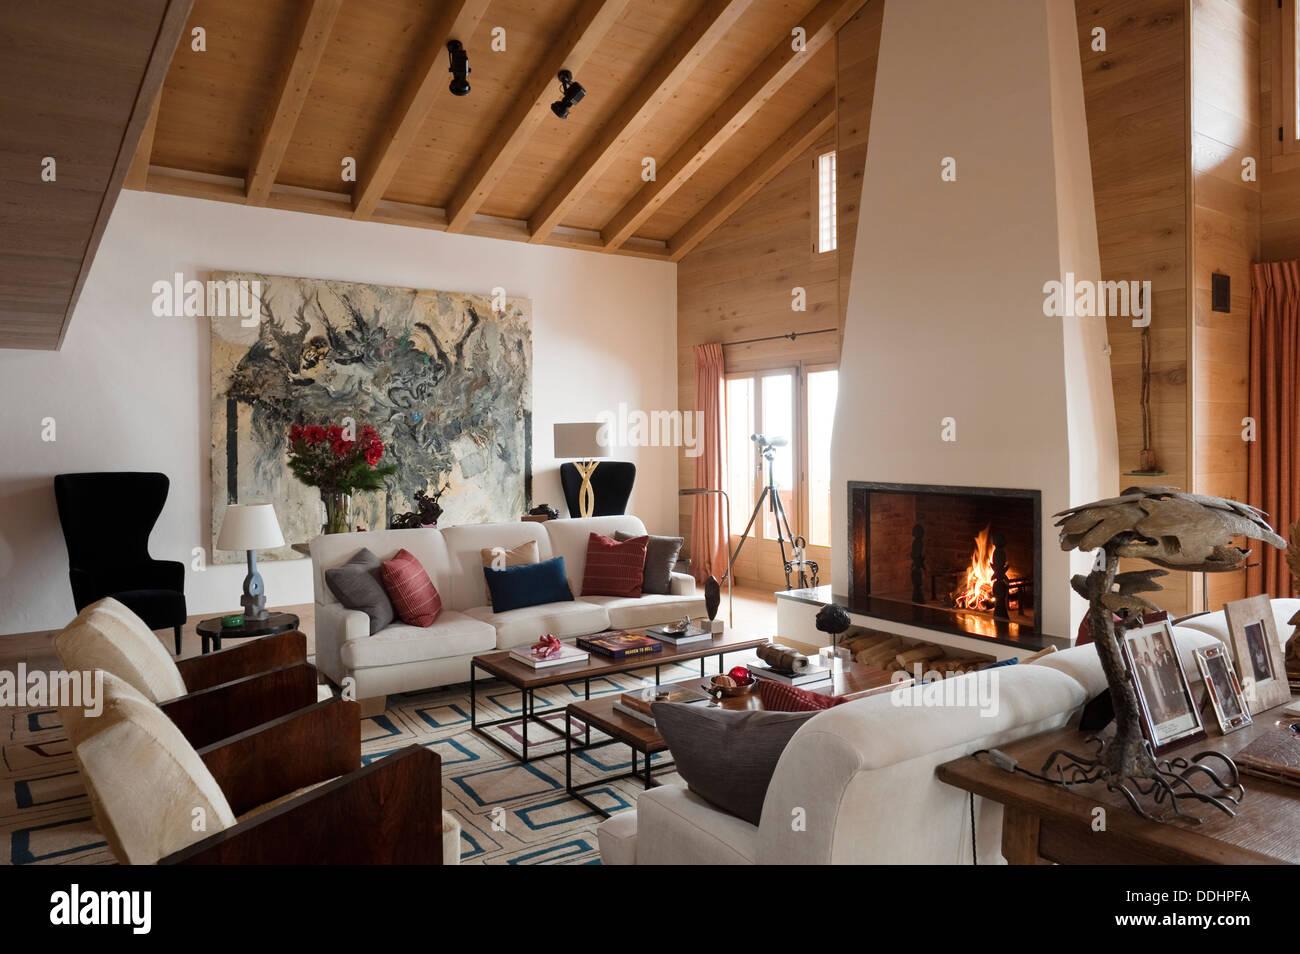 Swiss Chalet mit Interieur entworfen von Tino Zervudachi ...